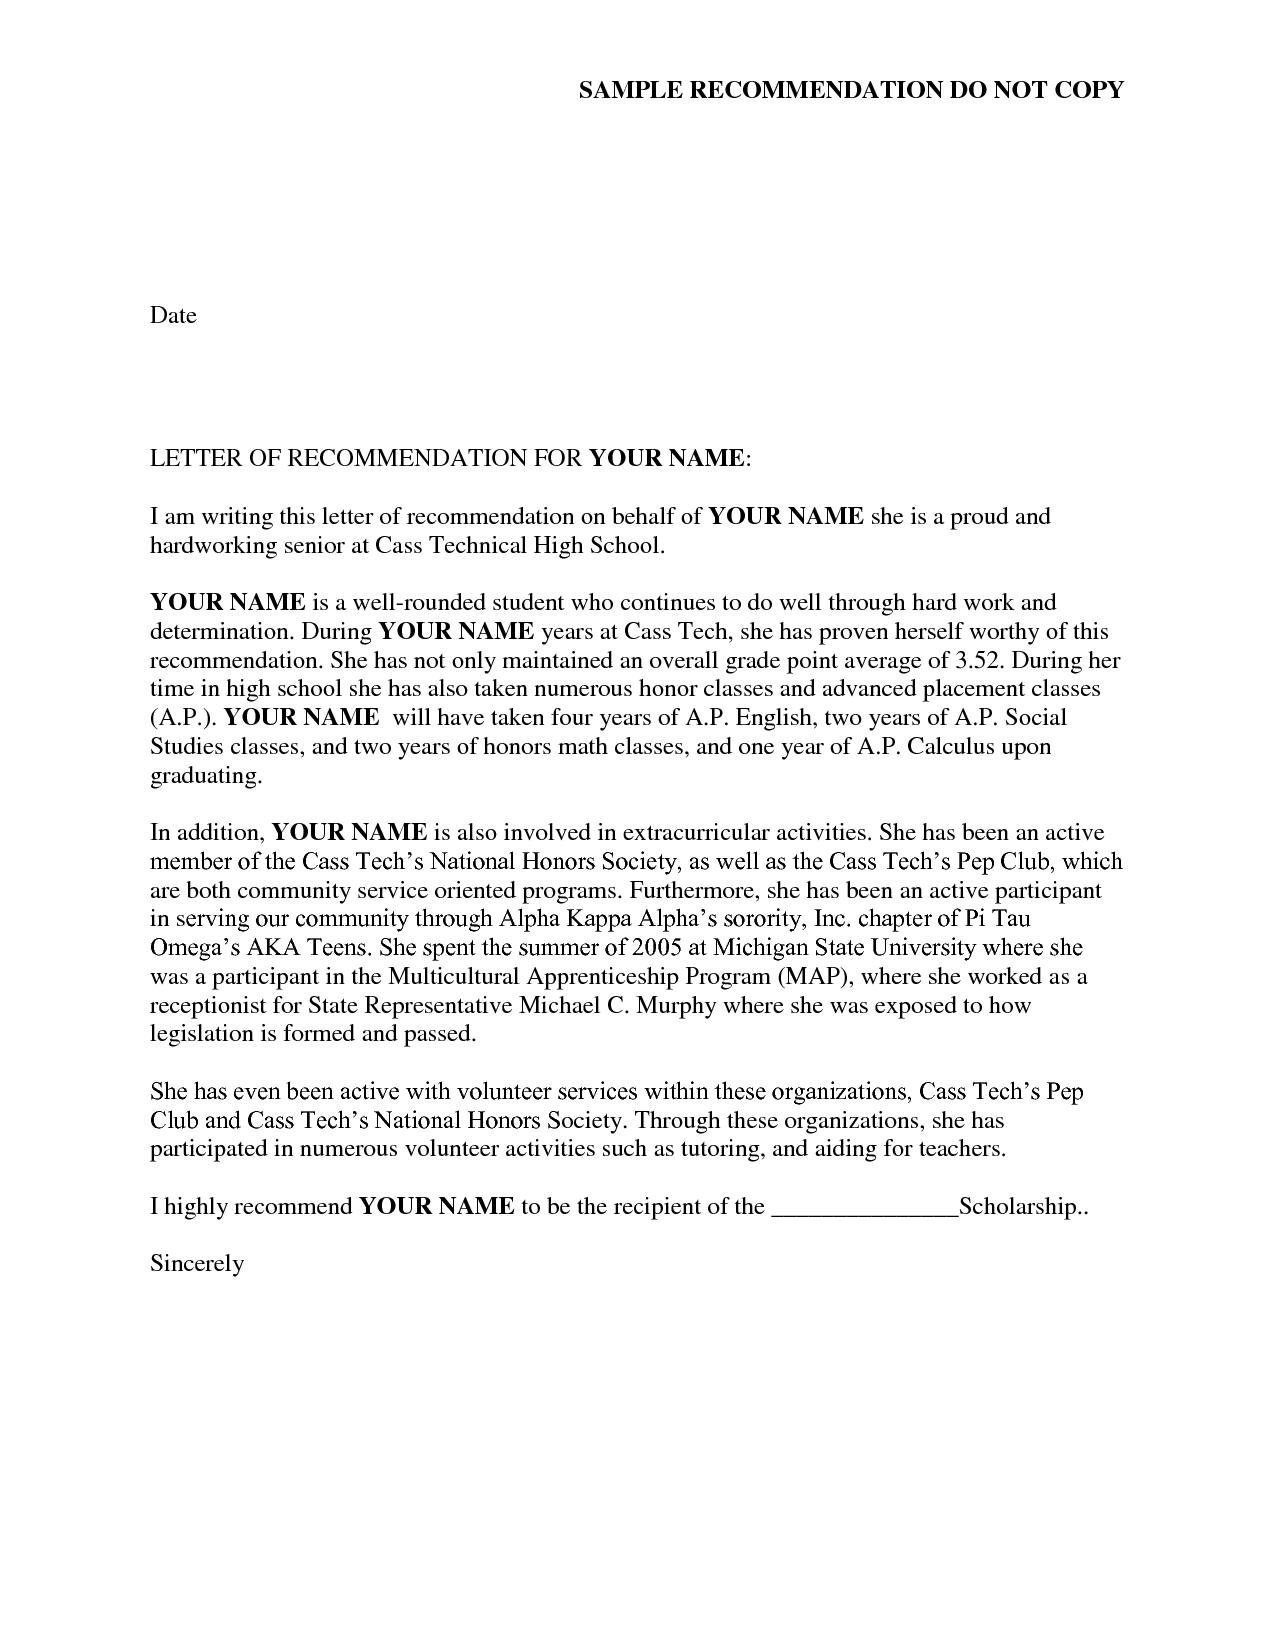 sample letter of recommendation for aka sorority